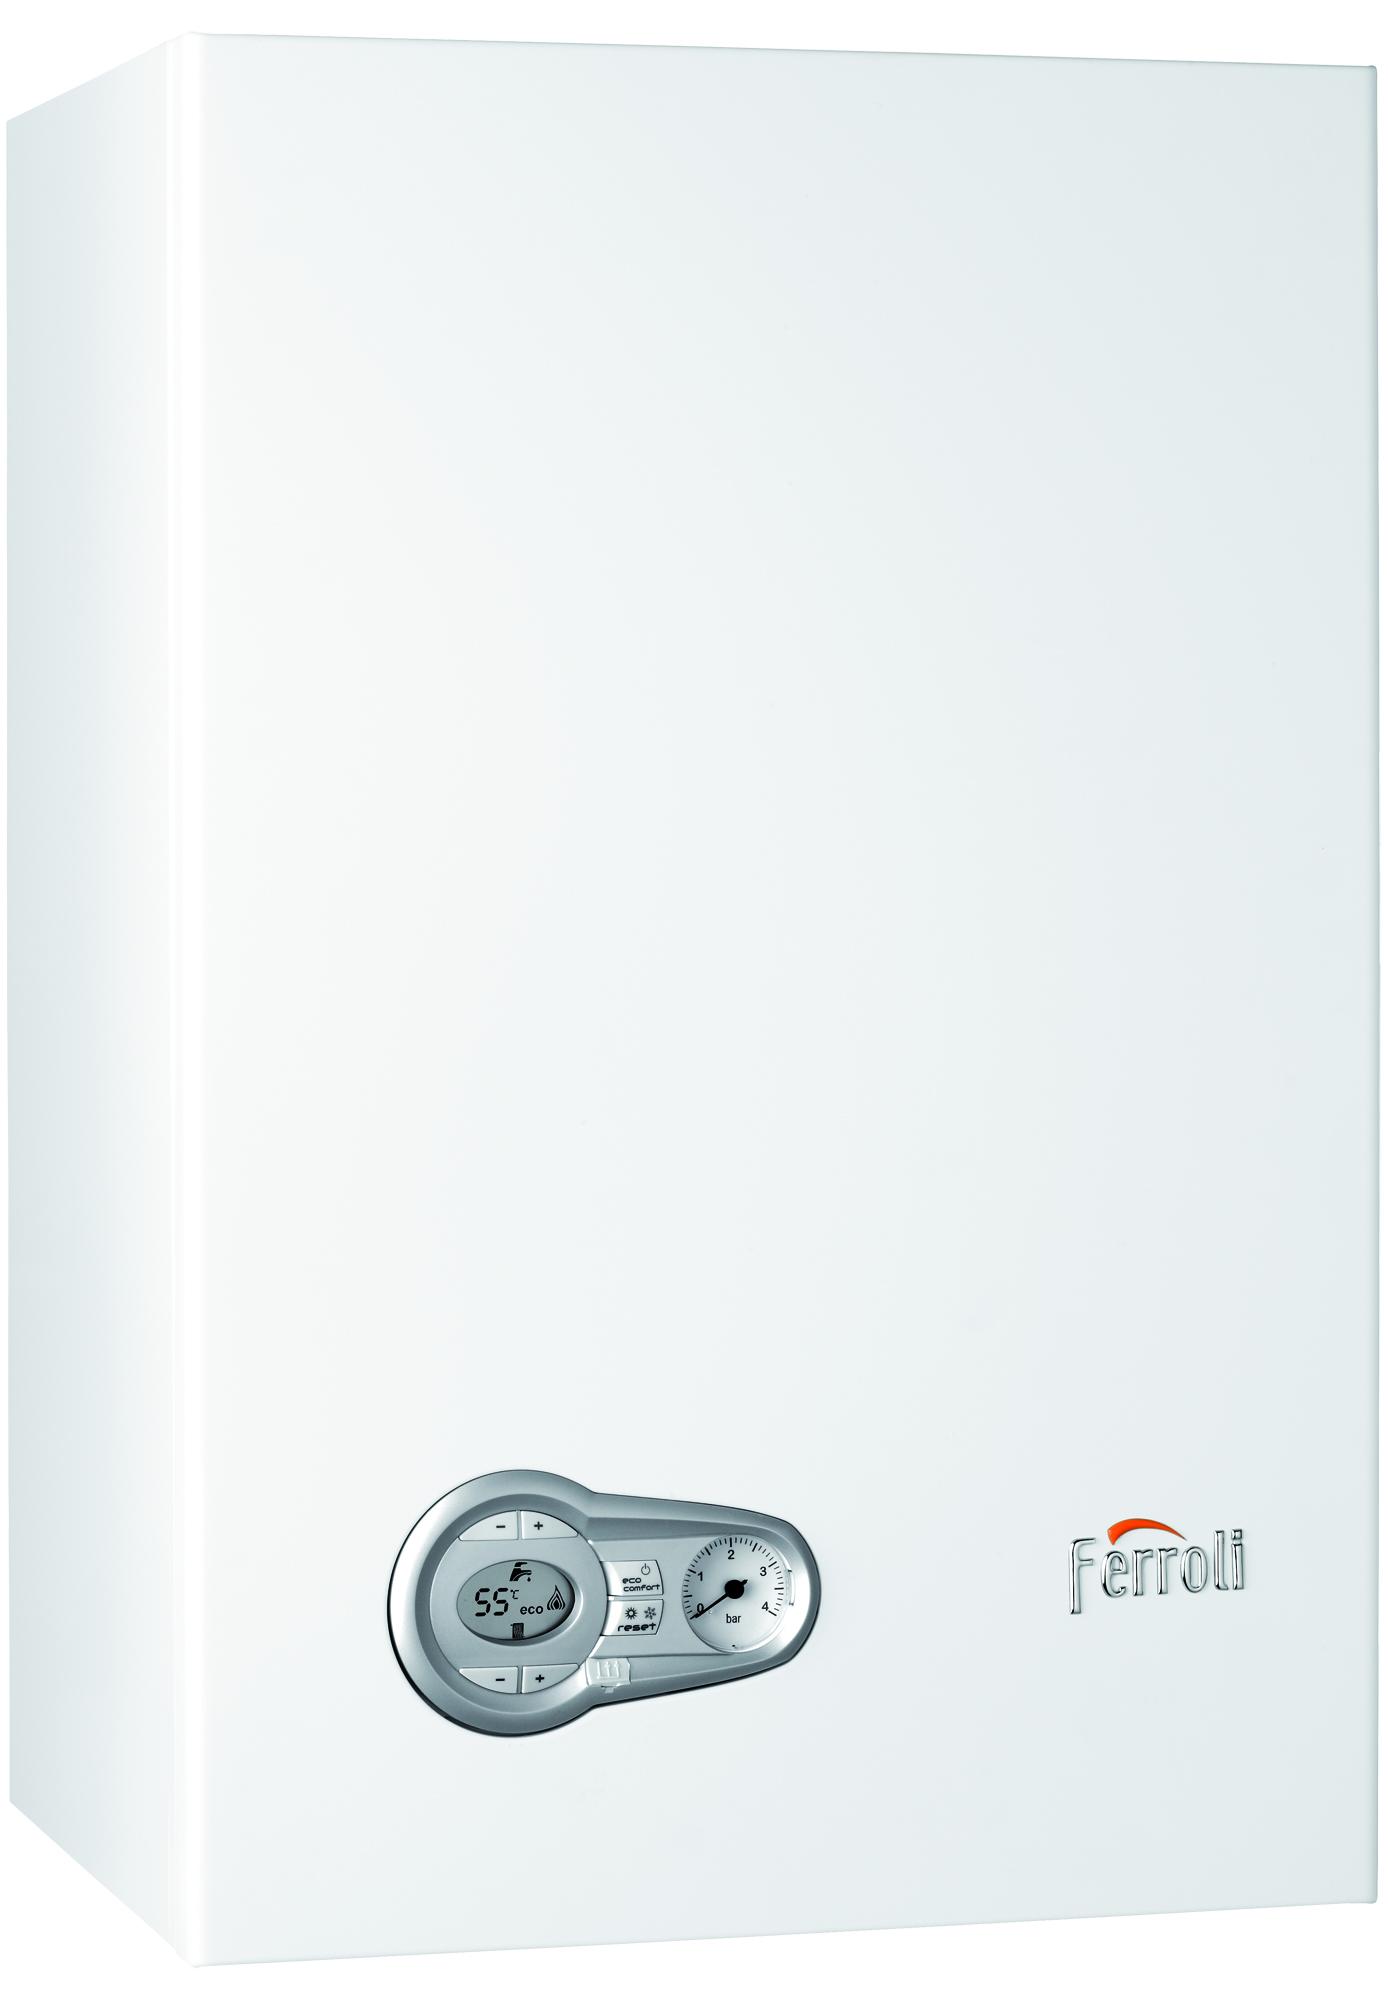 Calderas de gas Ferroli de condensación para Calefacción y Agua Caliente Sanitaria BLUE HELIX PRO